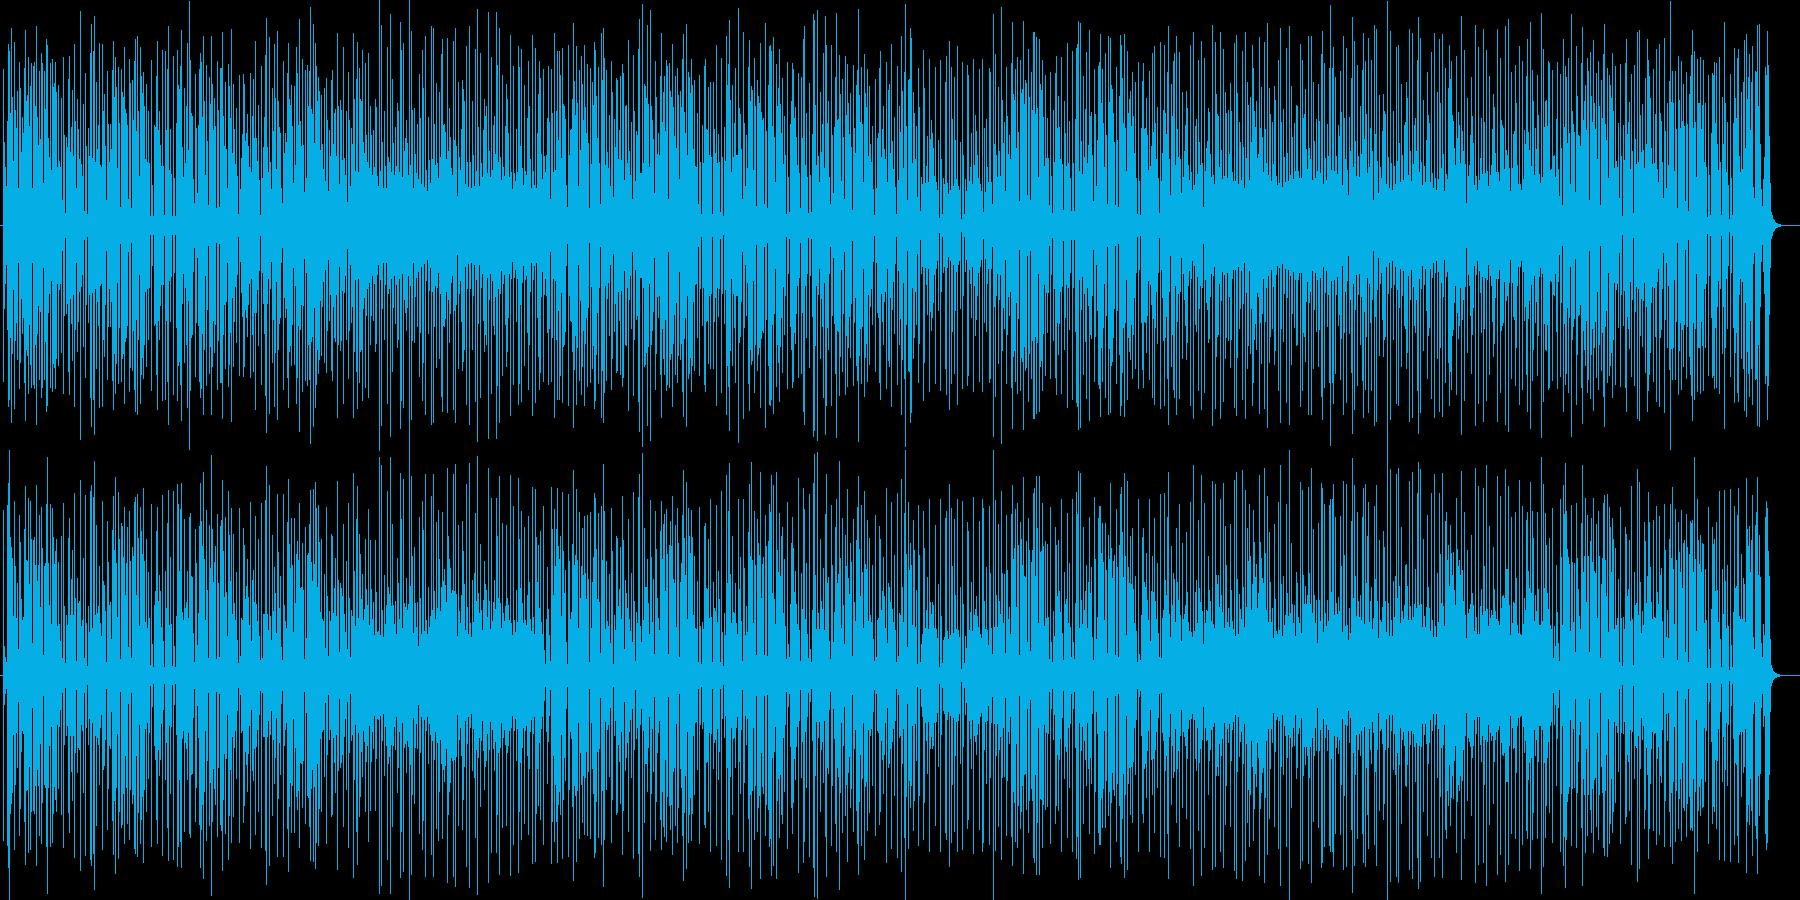 エンターテイメント感満溢れるポップな曲の再生済みの波形